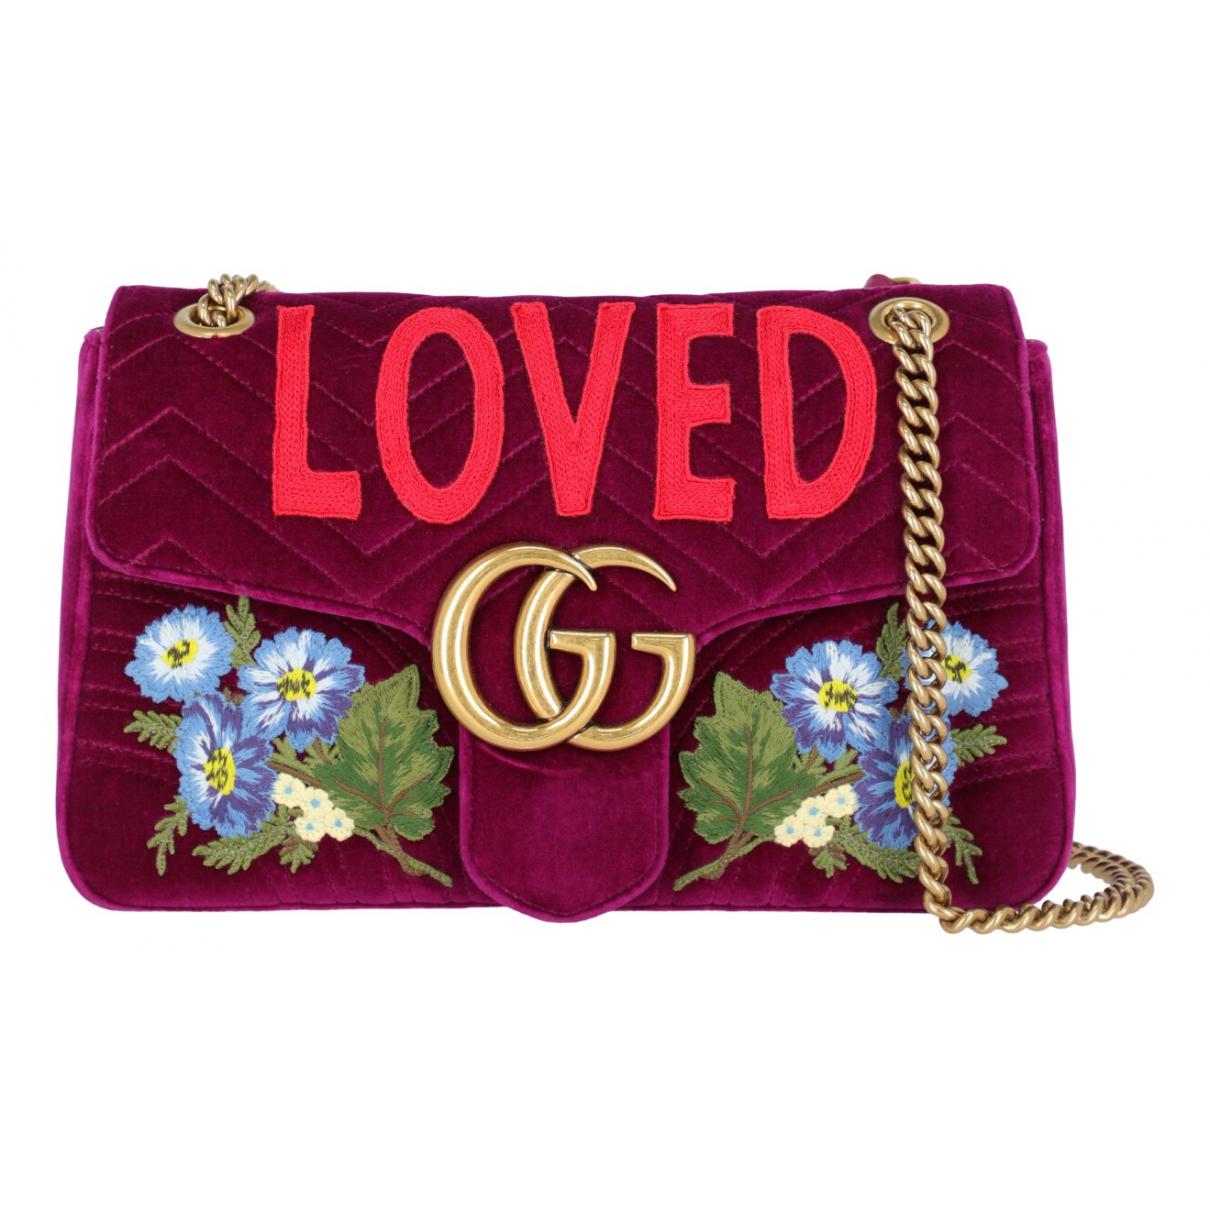 Gucci - Sac a main Marmont pour femme en velours - violet